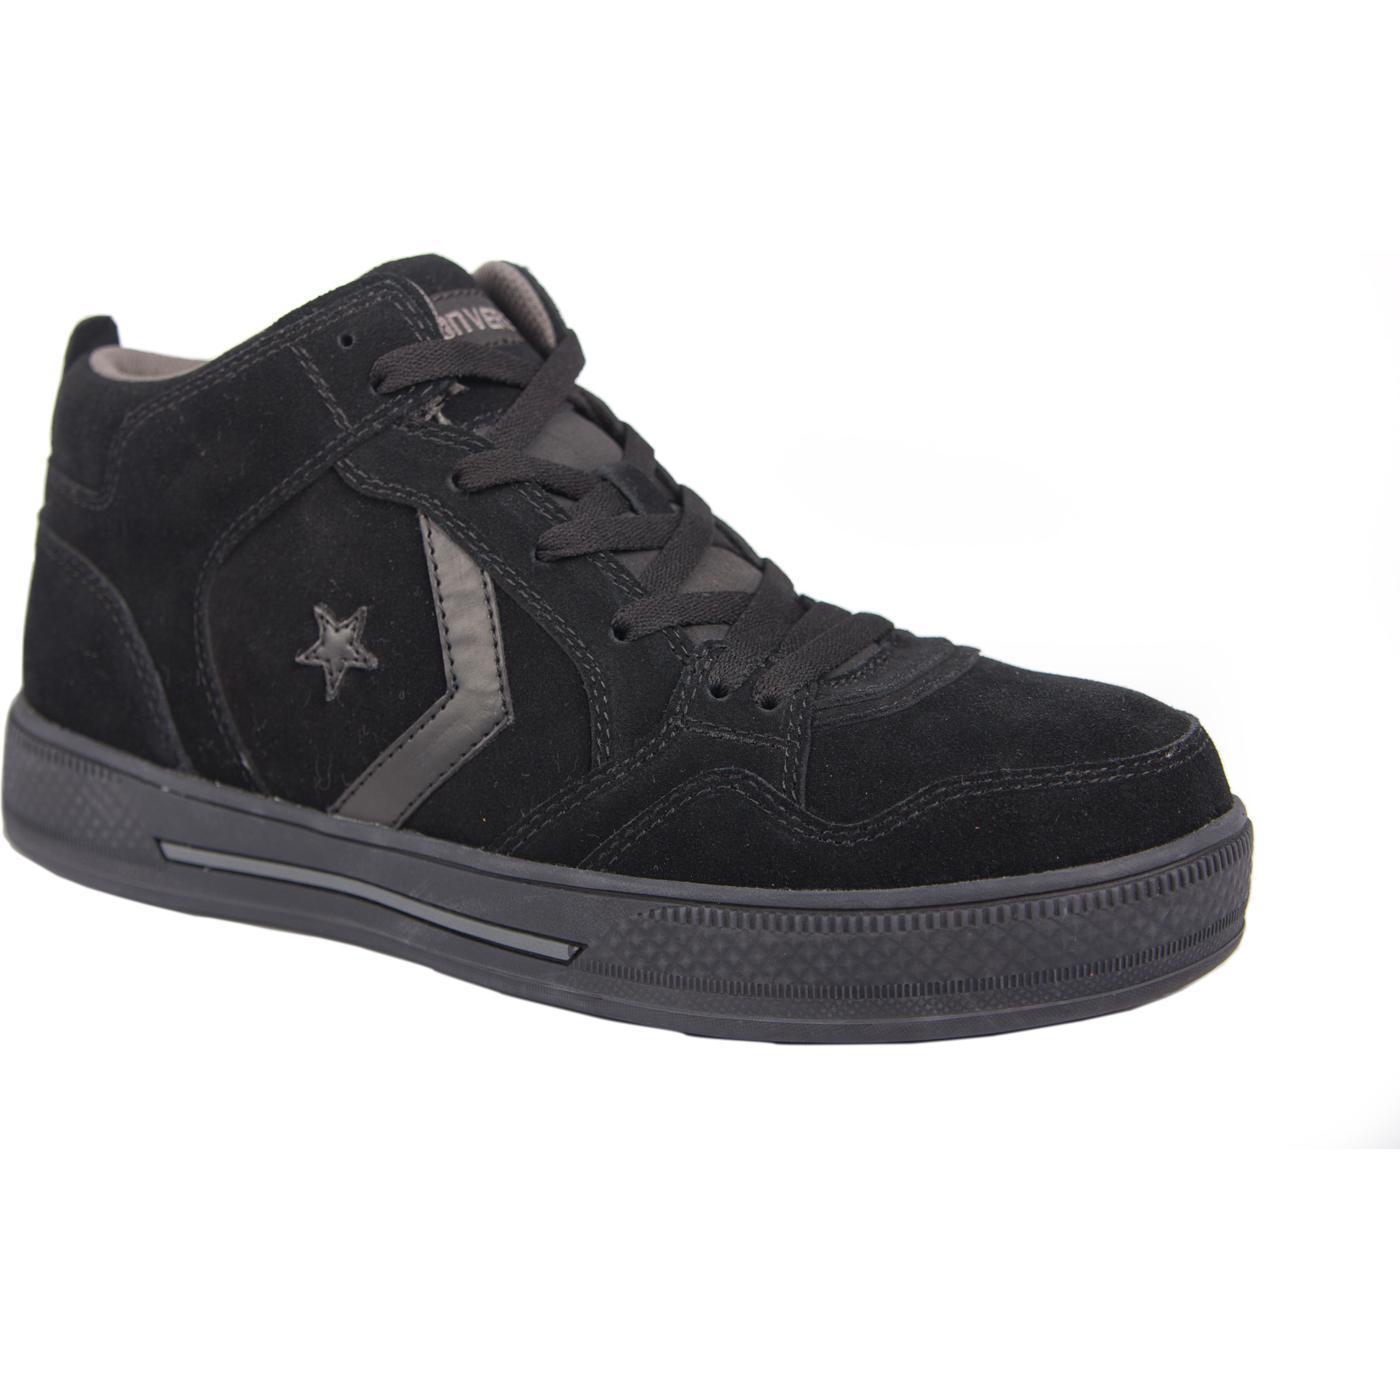 dd2e3bdc828b Converse Composite Toe MidHi Sport Work ShoeConverse Composite Toe MidHi  Sport Work Shoe